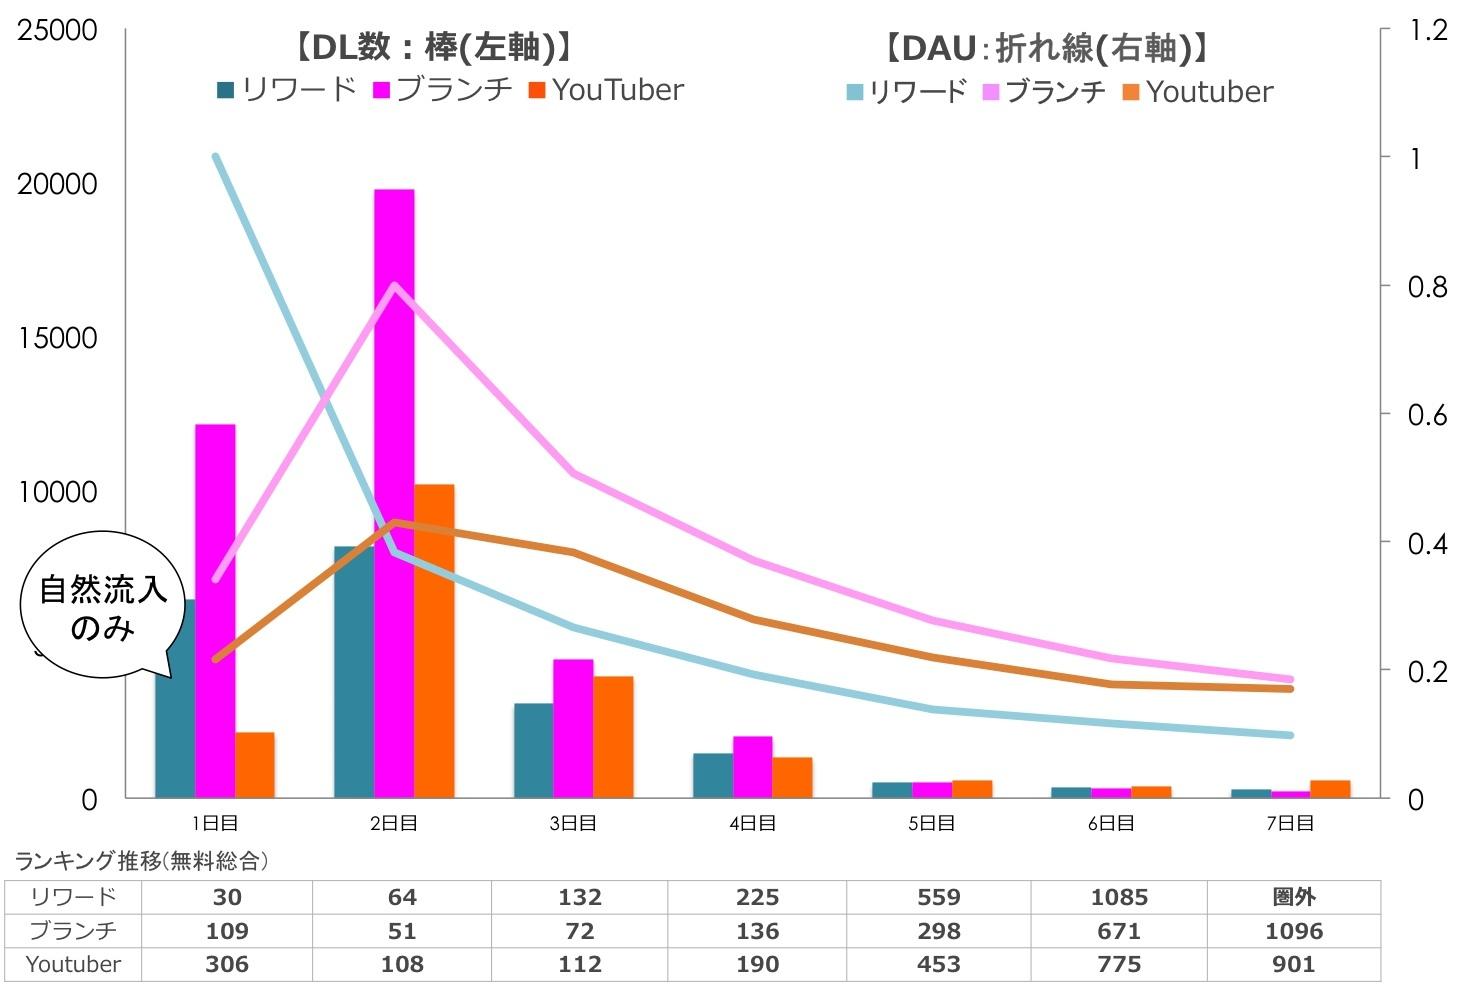 DL × DAU × ランキングから読み取れる傾向